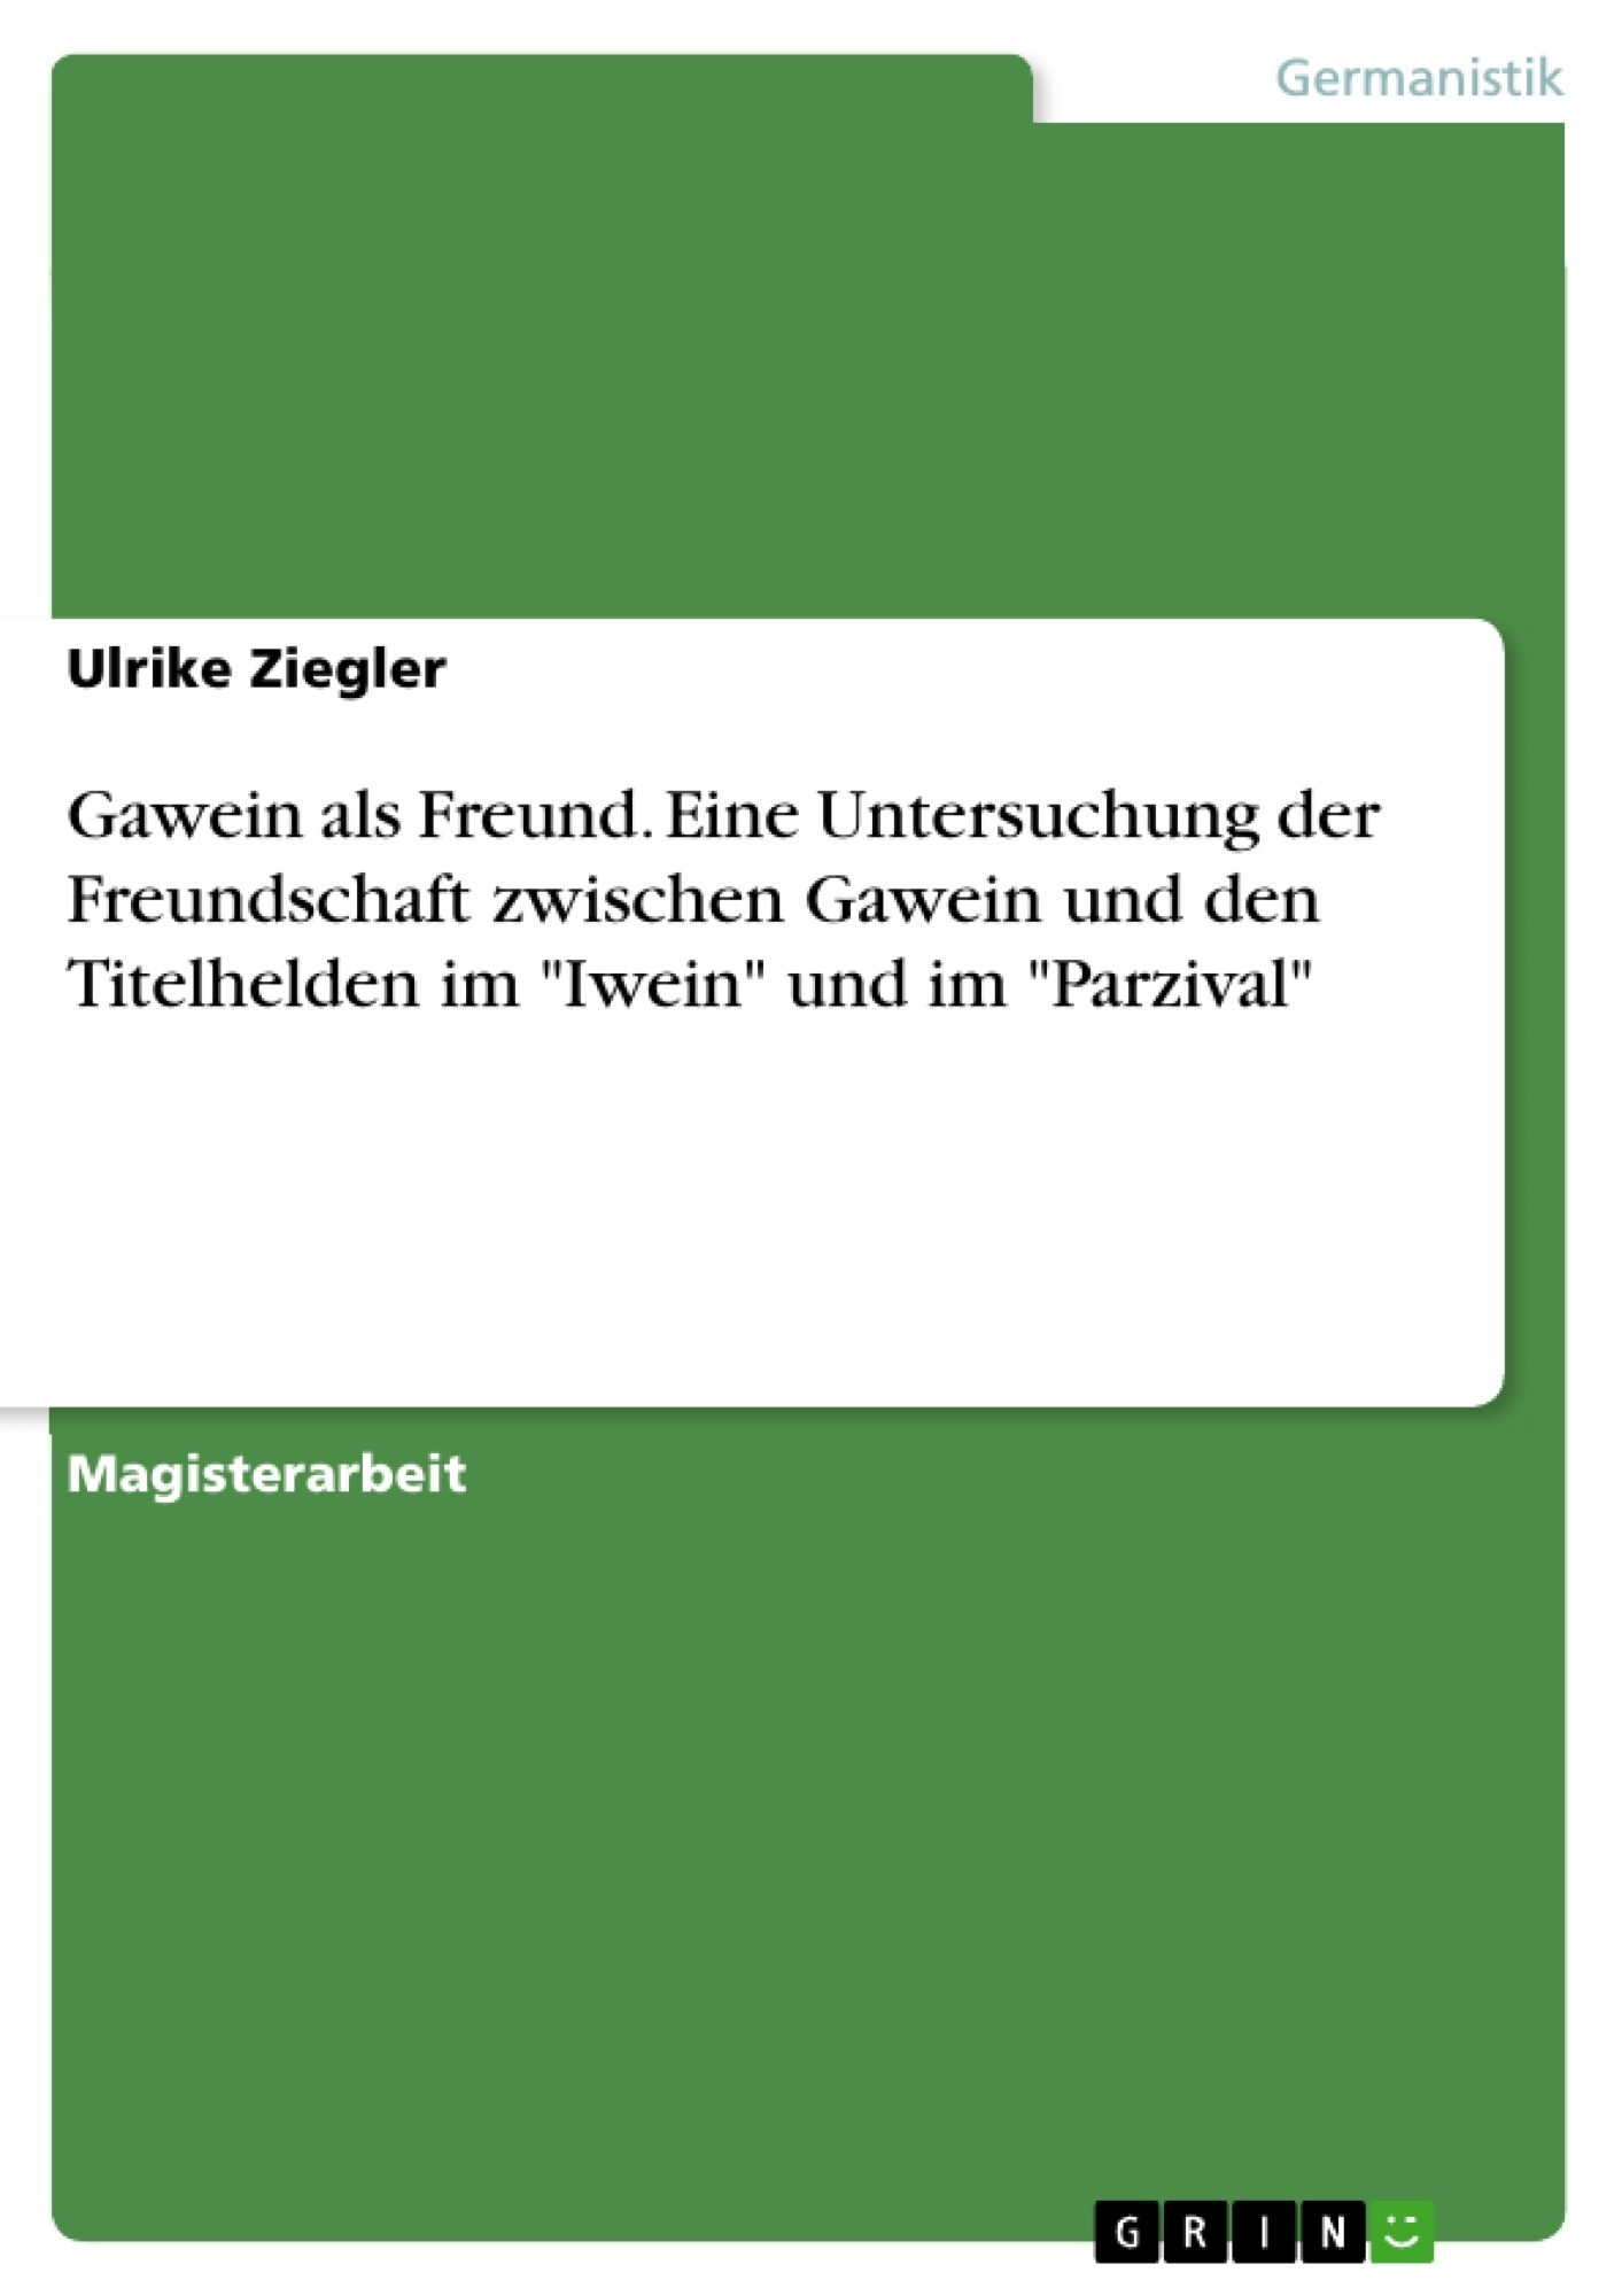 """Titel: Gawein als Freund. Eine Untersuchung der Freundschaft zwischen Gawein und den Titelhelden im """"Iwein"""" und im """"Parzival"""""""